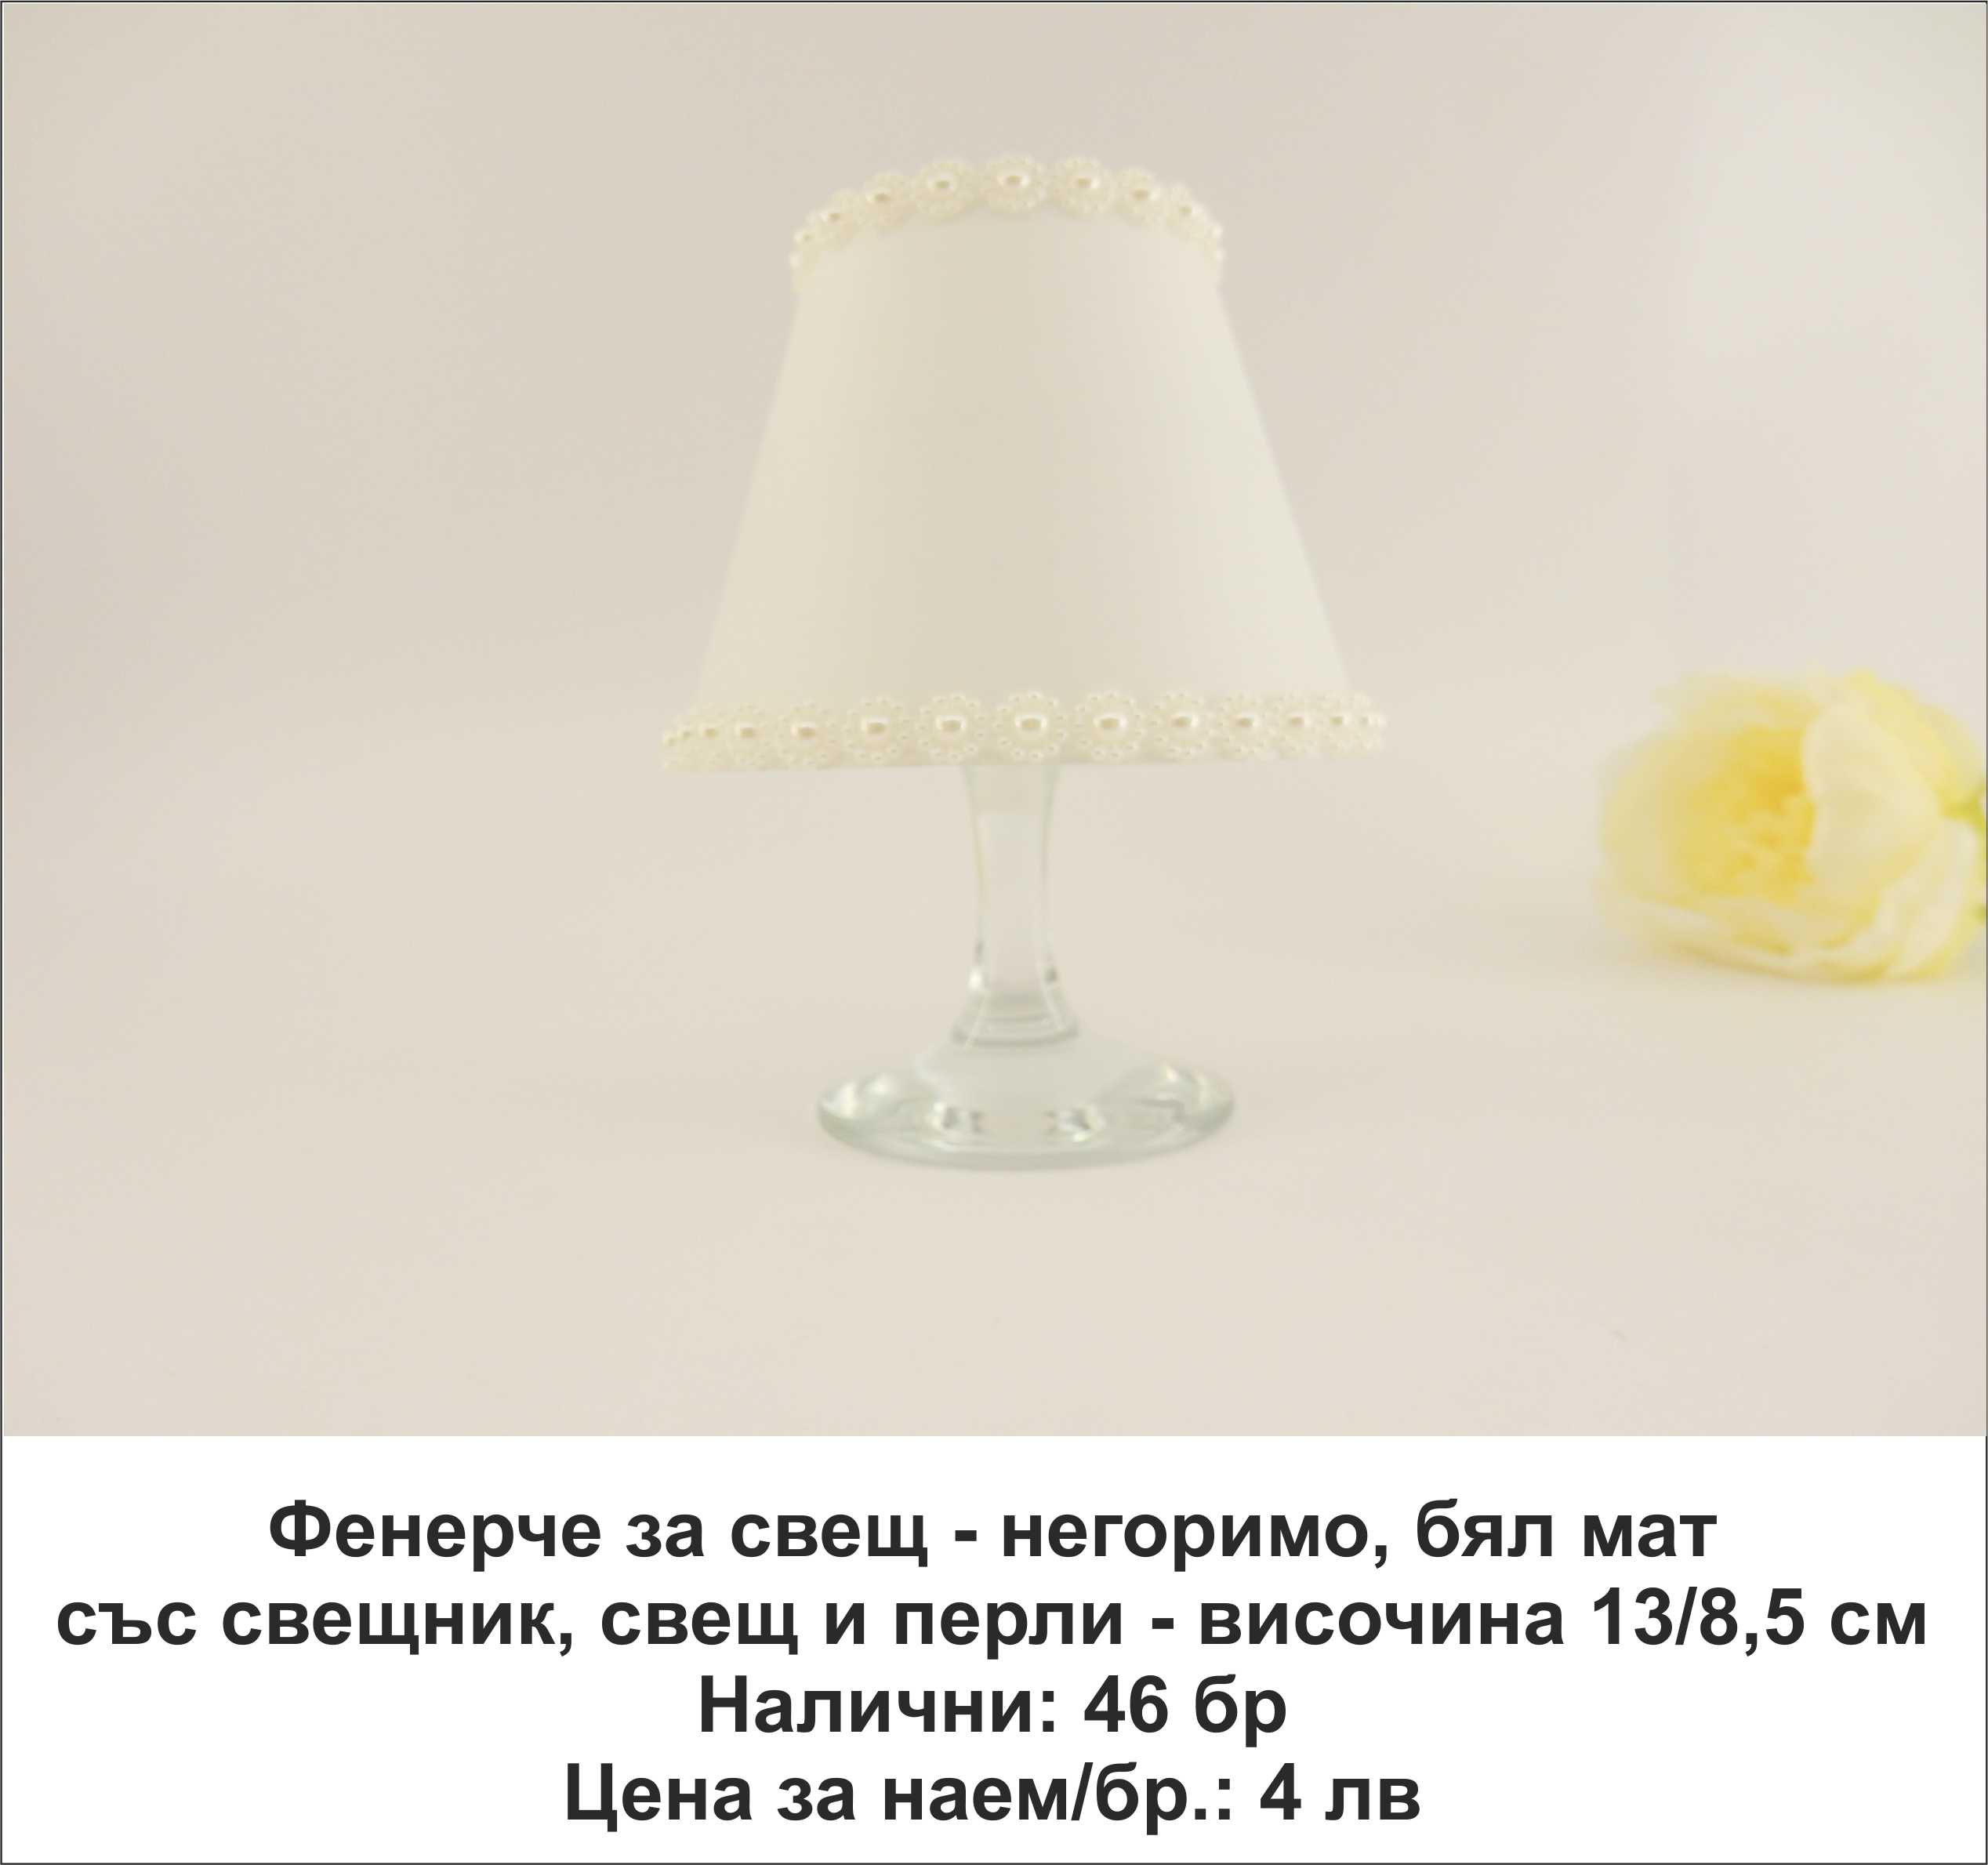 Фенерче за свещ - негоримо, бял мат, със свещник, перли и свещ. Височина: 13 см. Цена за наем на комплект: 4 лв.